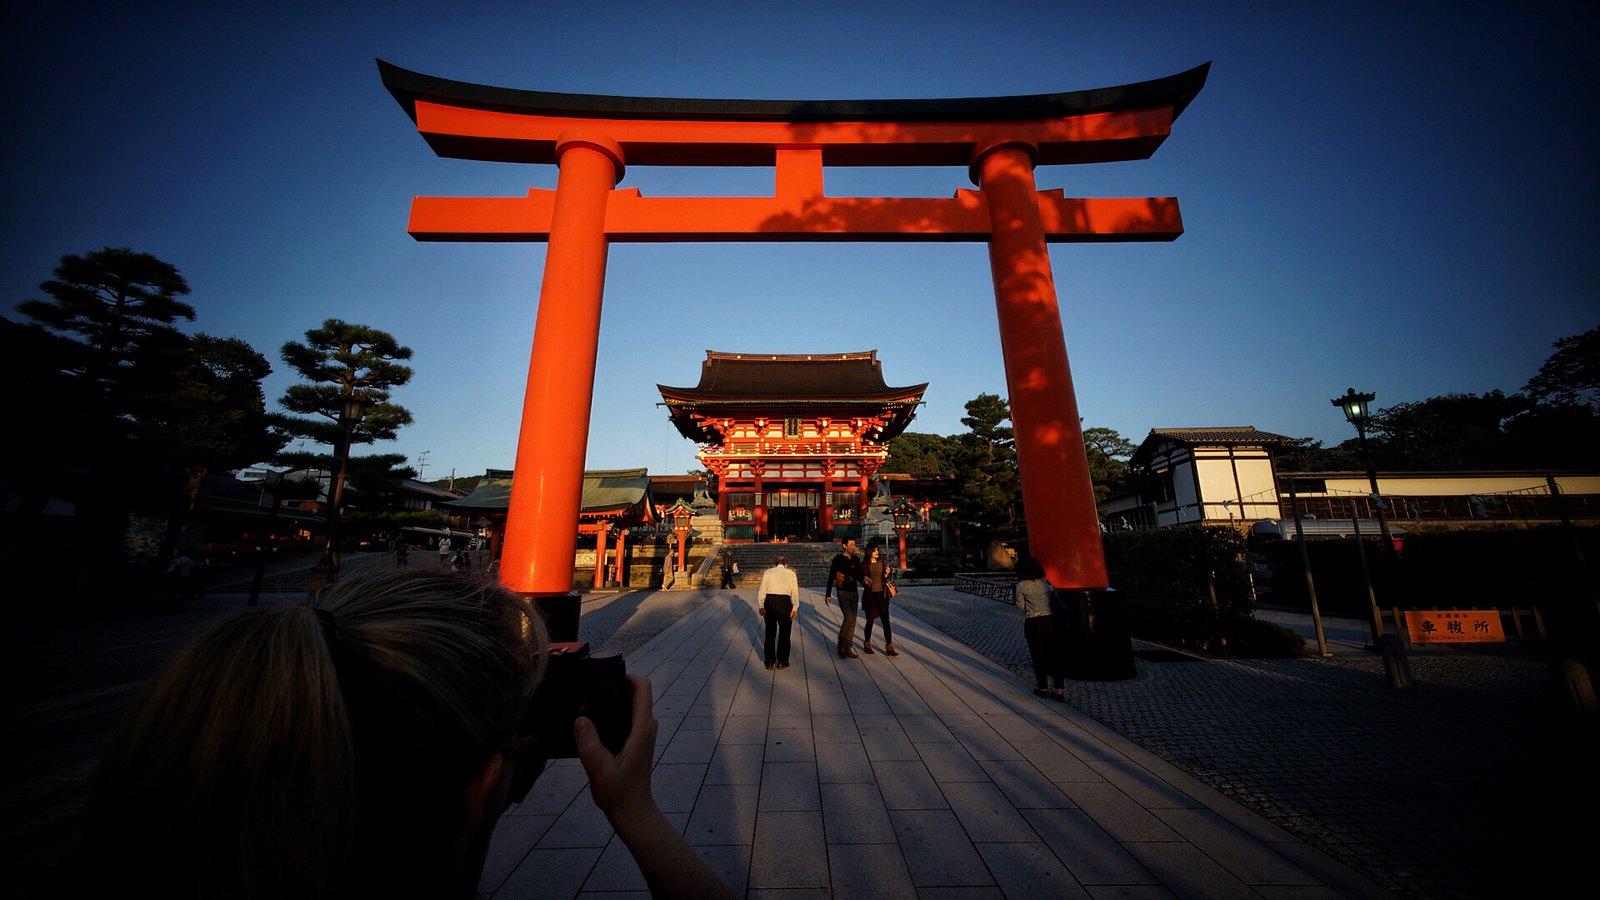 Ambré Holgaing the giant Torii #Kyoto #japan15 #Voigtlander12mm #SonyA7 #inari #foto